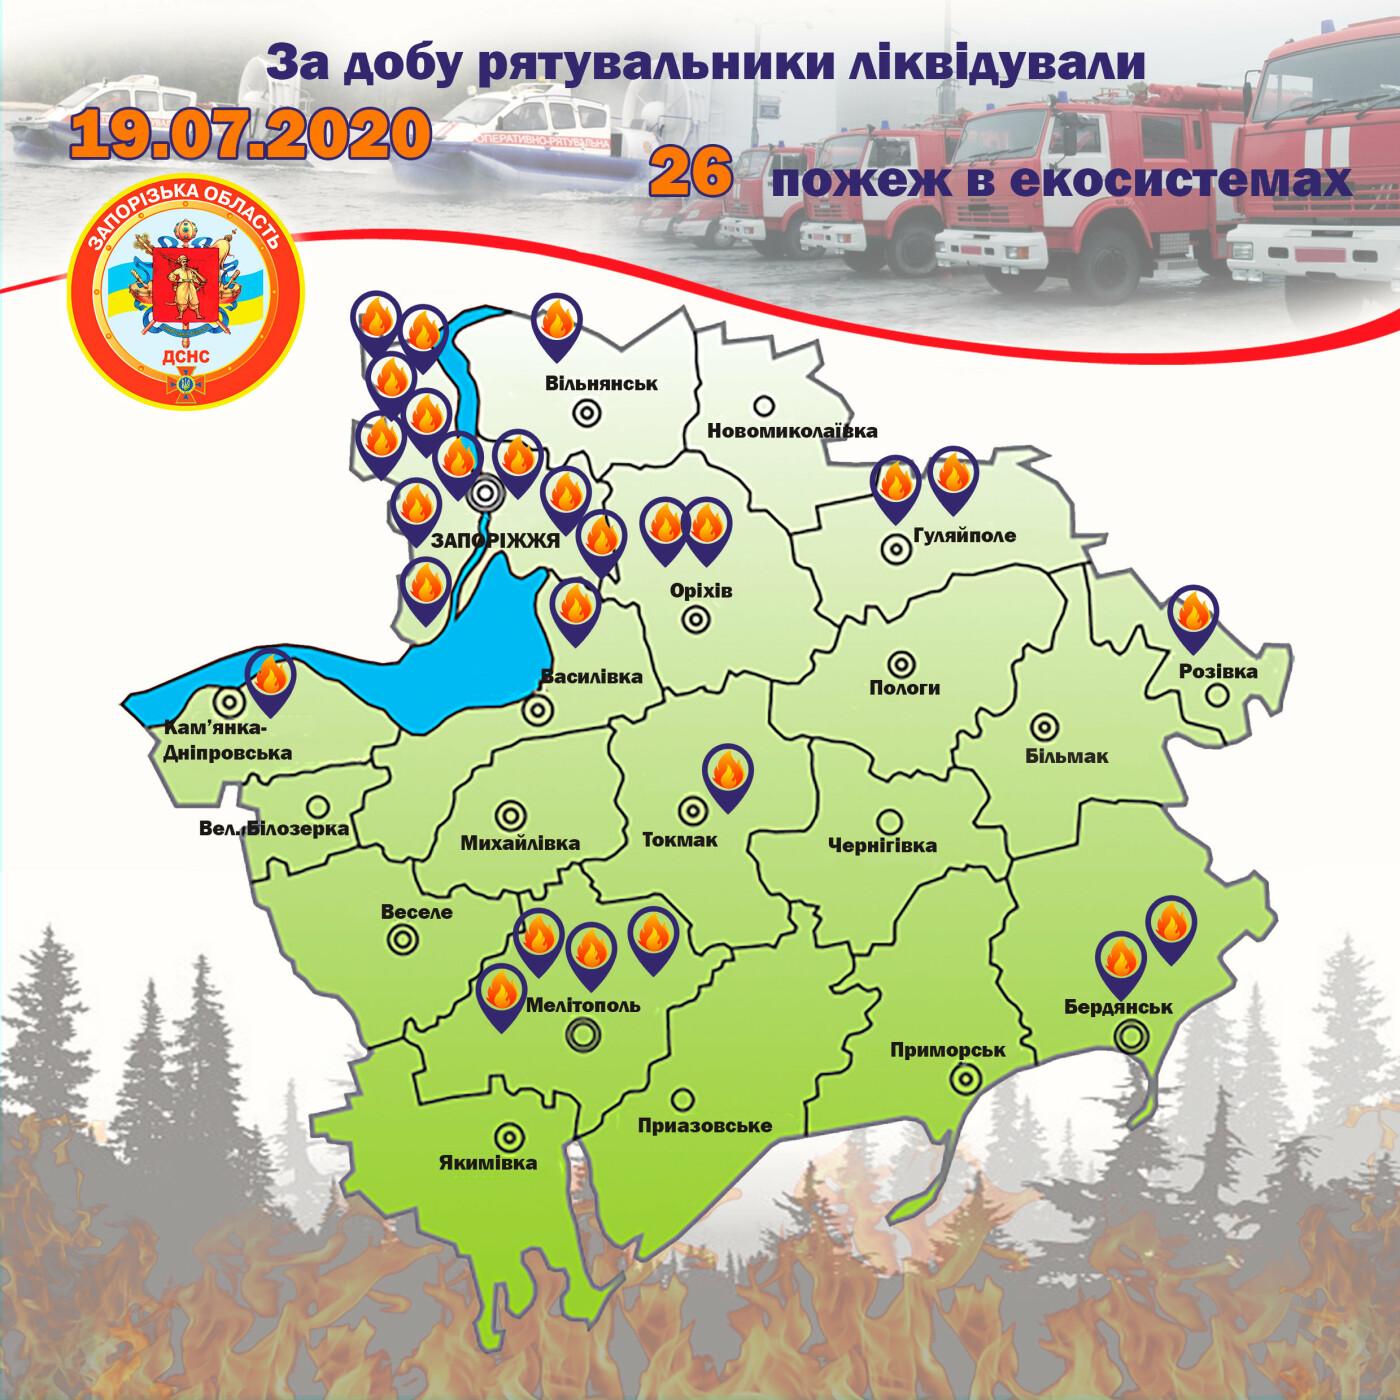 В Запорожской области за сутки случилось 26 пожаров в экосистемах - один из них лесной, фото-1